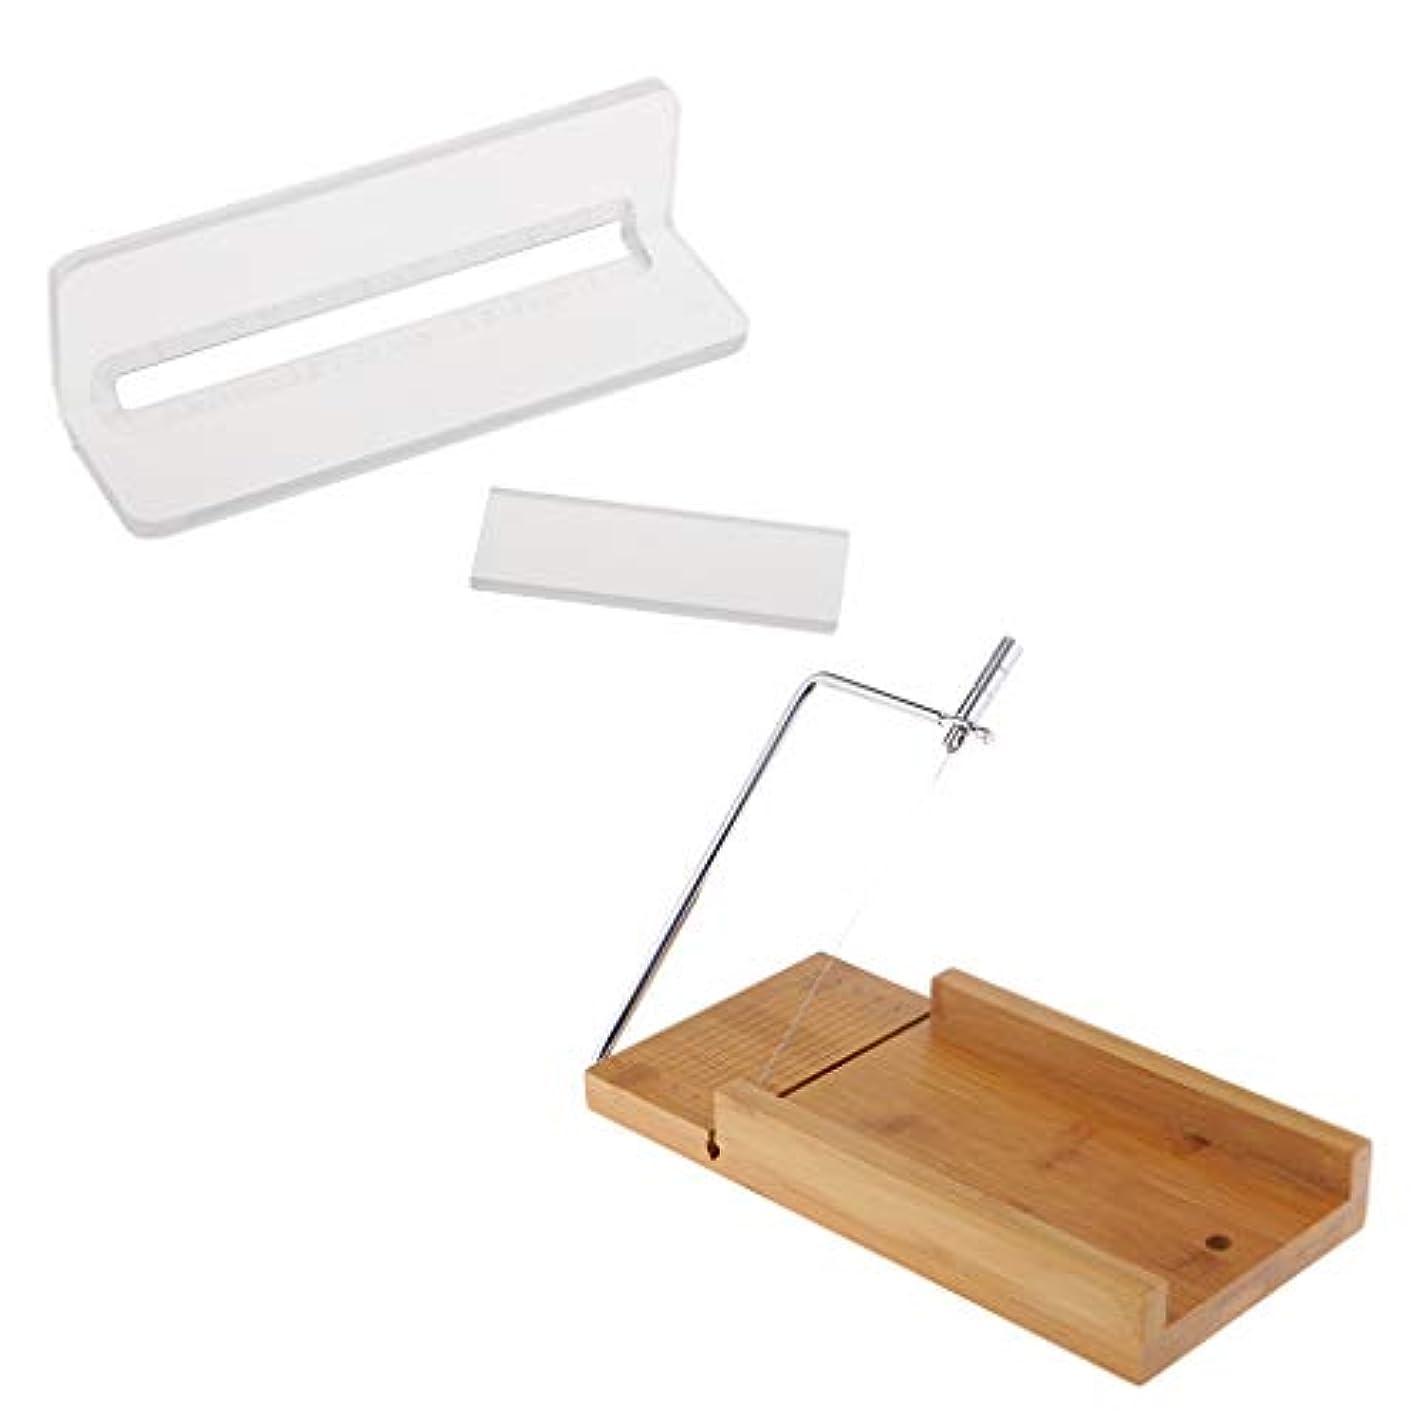 協定補正レンダリングD DOLITY ソープカッター 木製 石鹸カッター ローフカッター チーズナイフ 2個入り